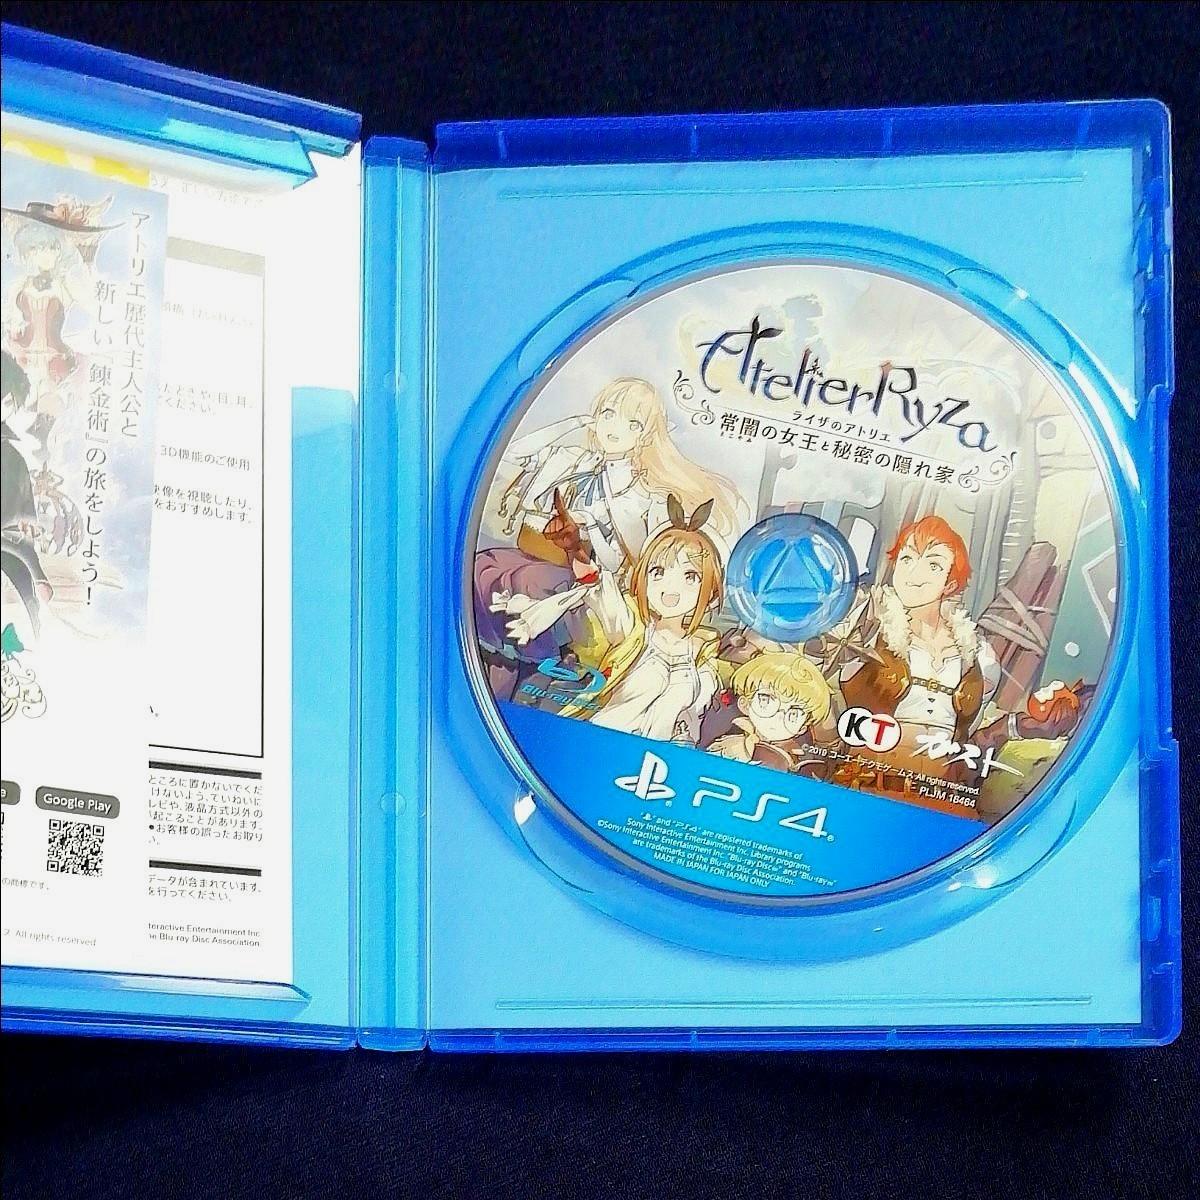 ライザのアトリエ~常闇の女王と秘密の隠れ家~ PS4 通常版 中古